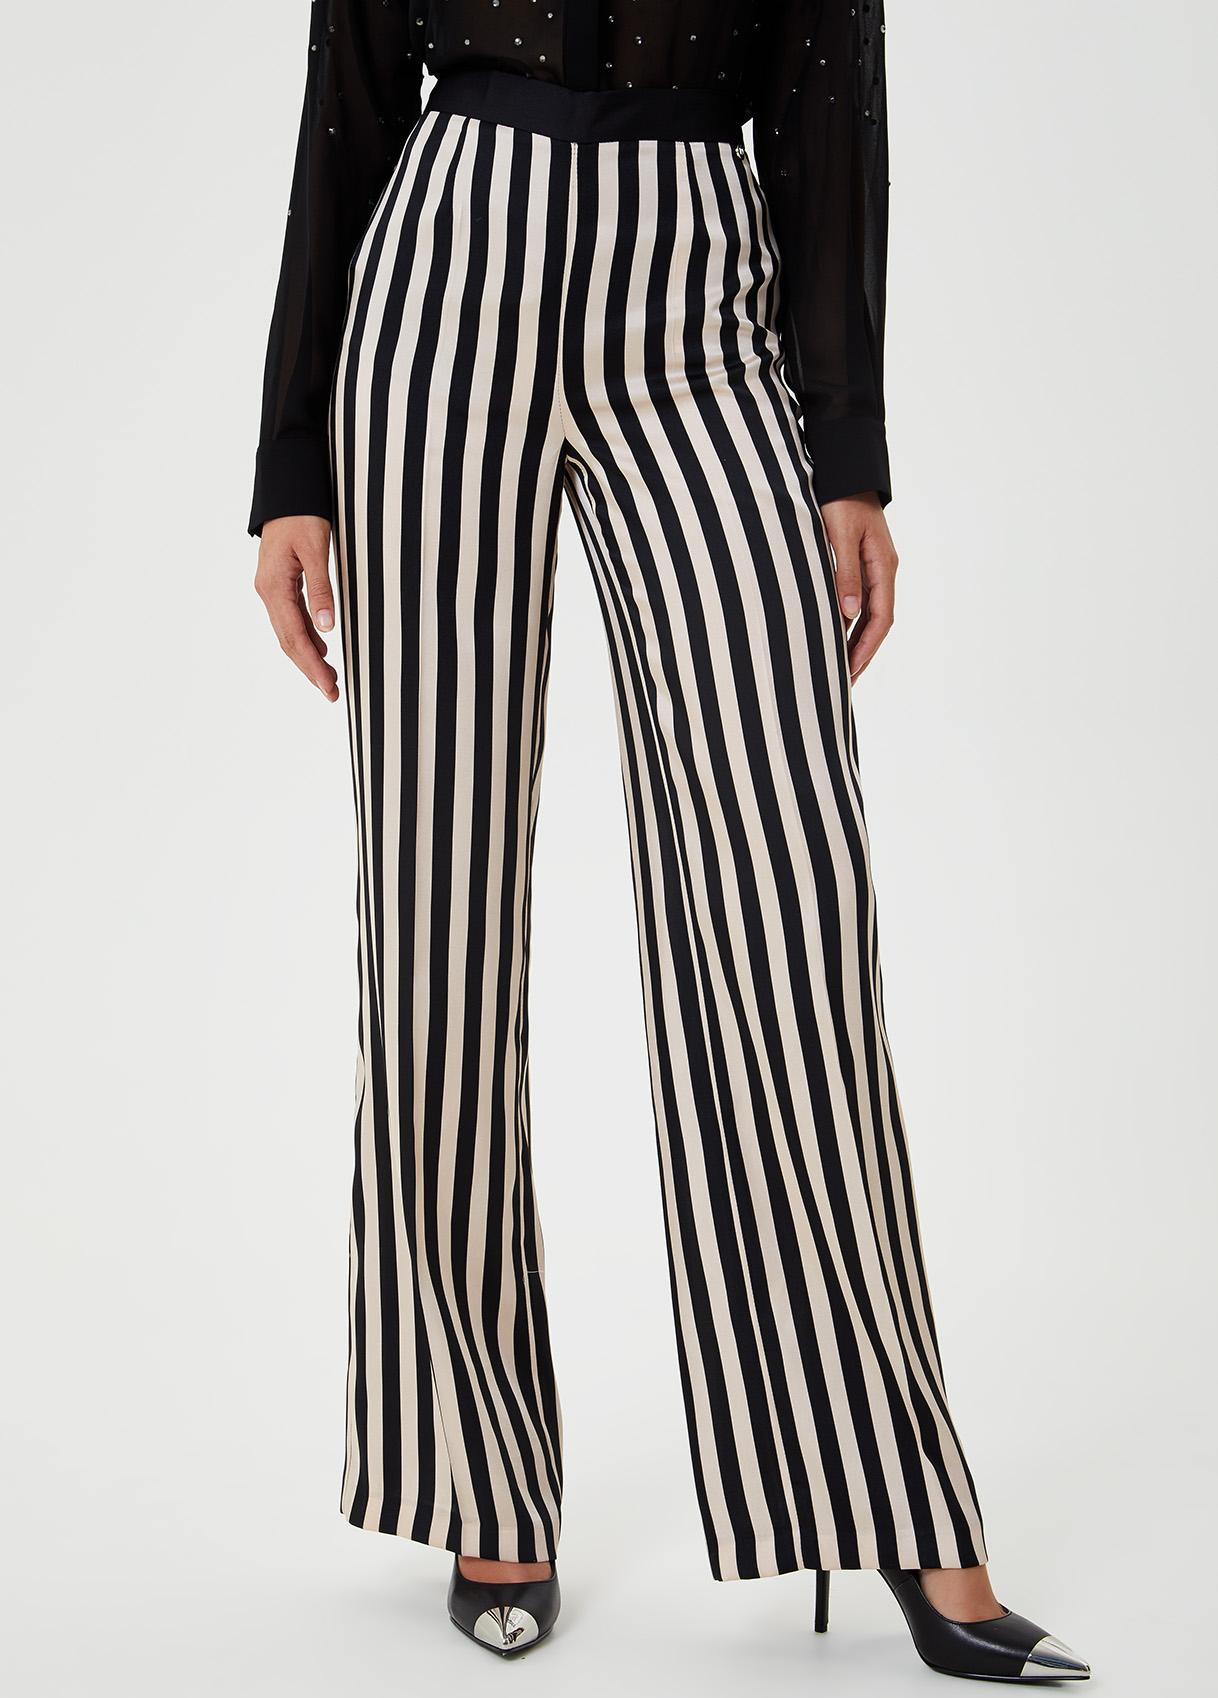 Pantalone palazzo con stampa-B3799-liujo-large